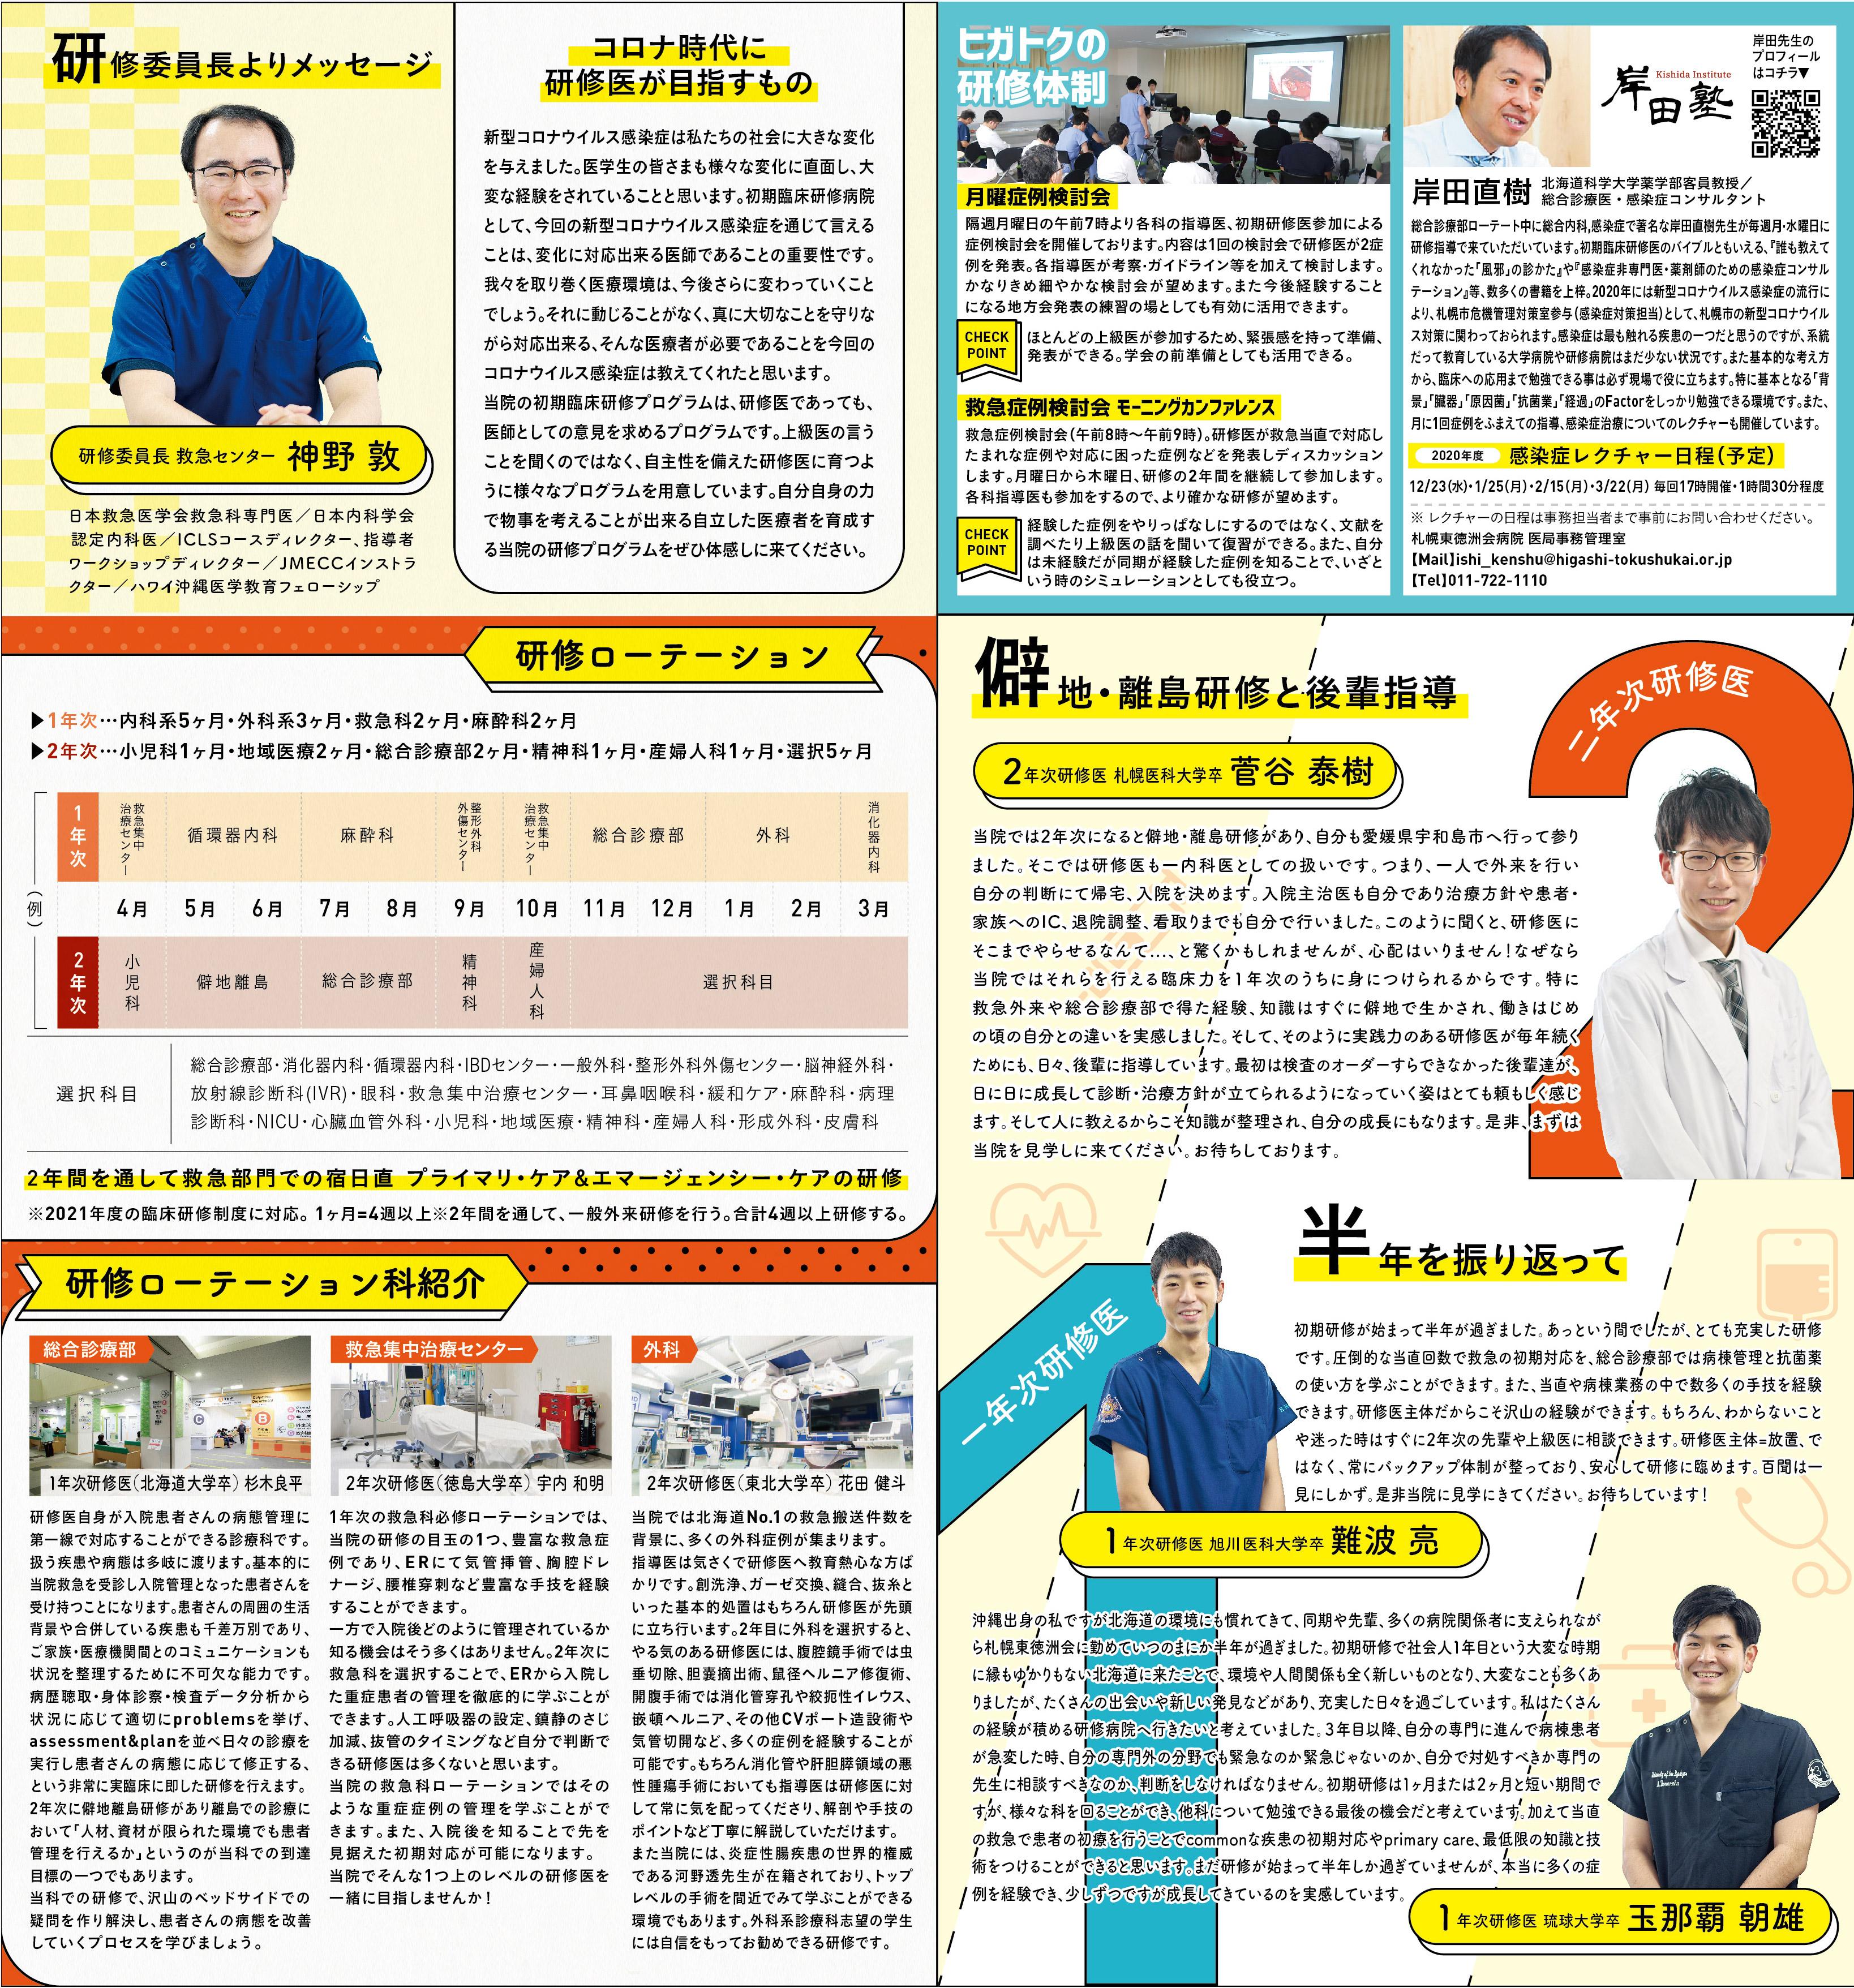 http://blog.higashi-tokushukai.or.jp/ydblog/%E7%A7%8B%E5%86%AC%E5%8F%B7_%E4%B8%AD%E9%9D%A21.jpg